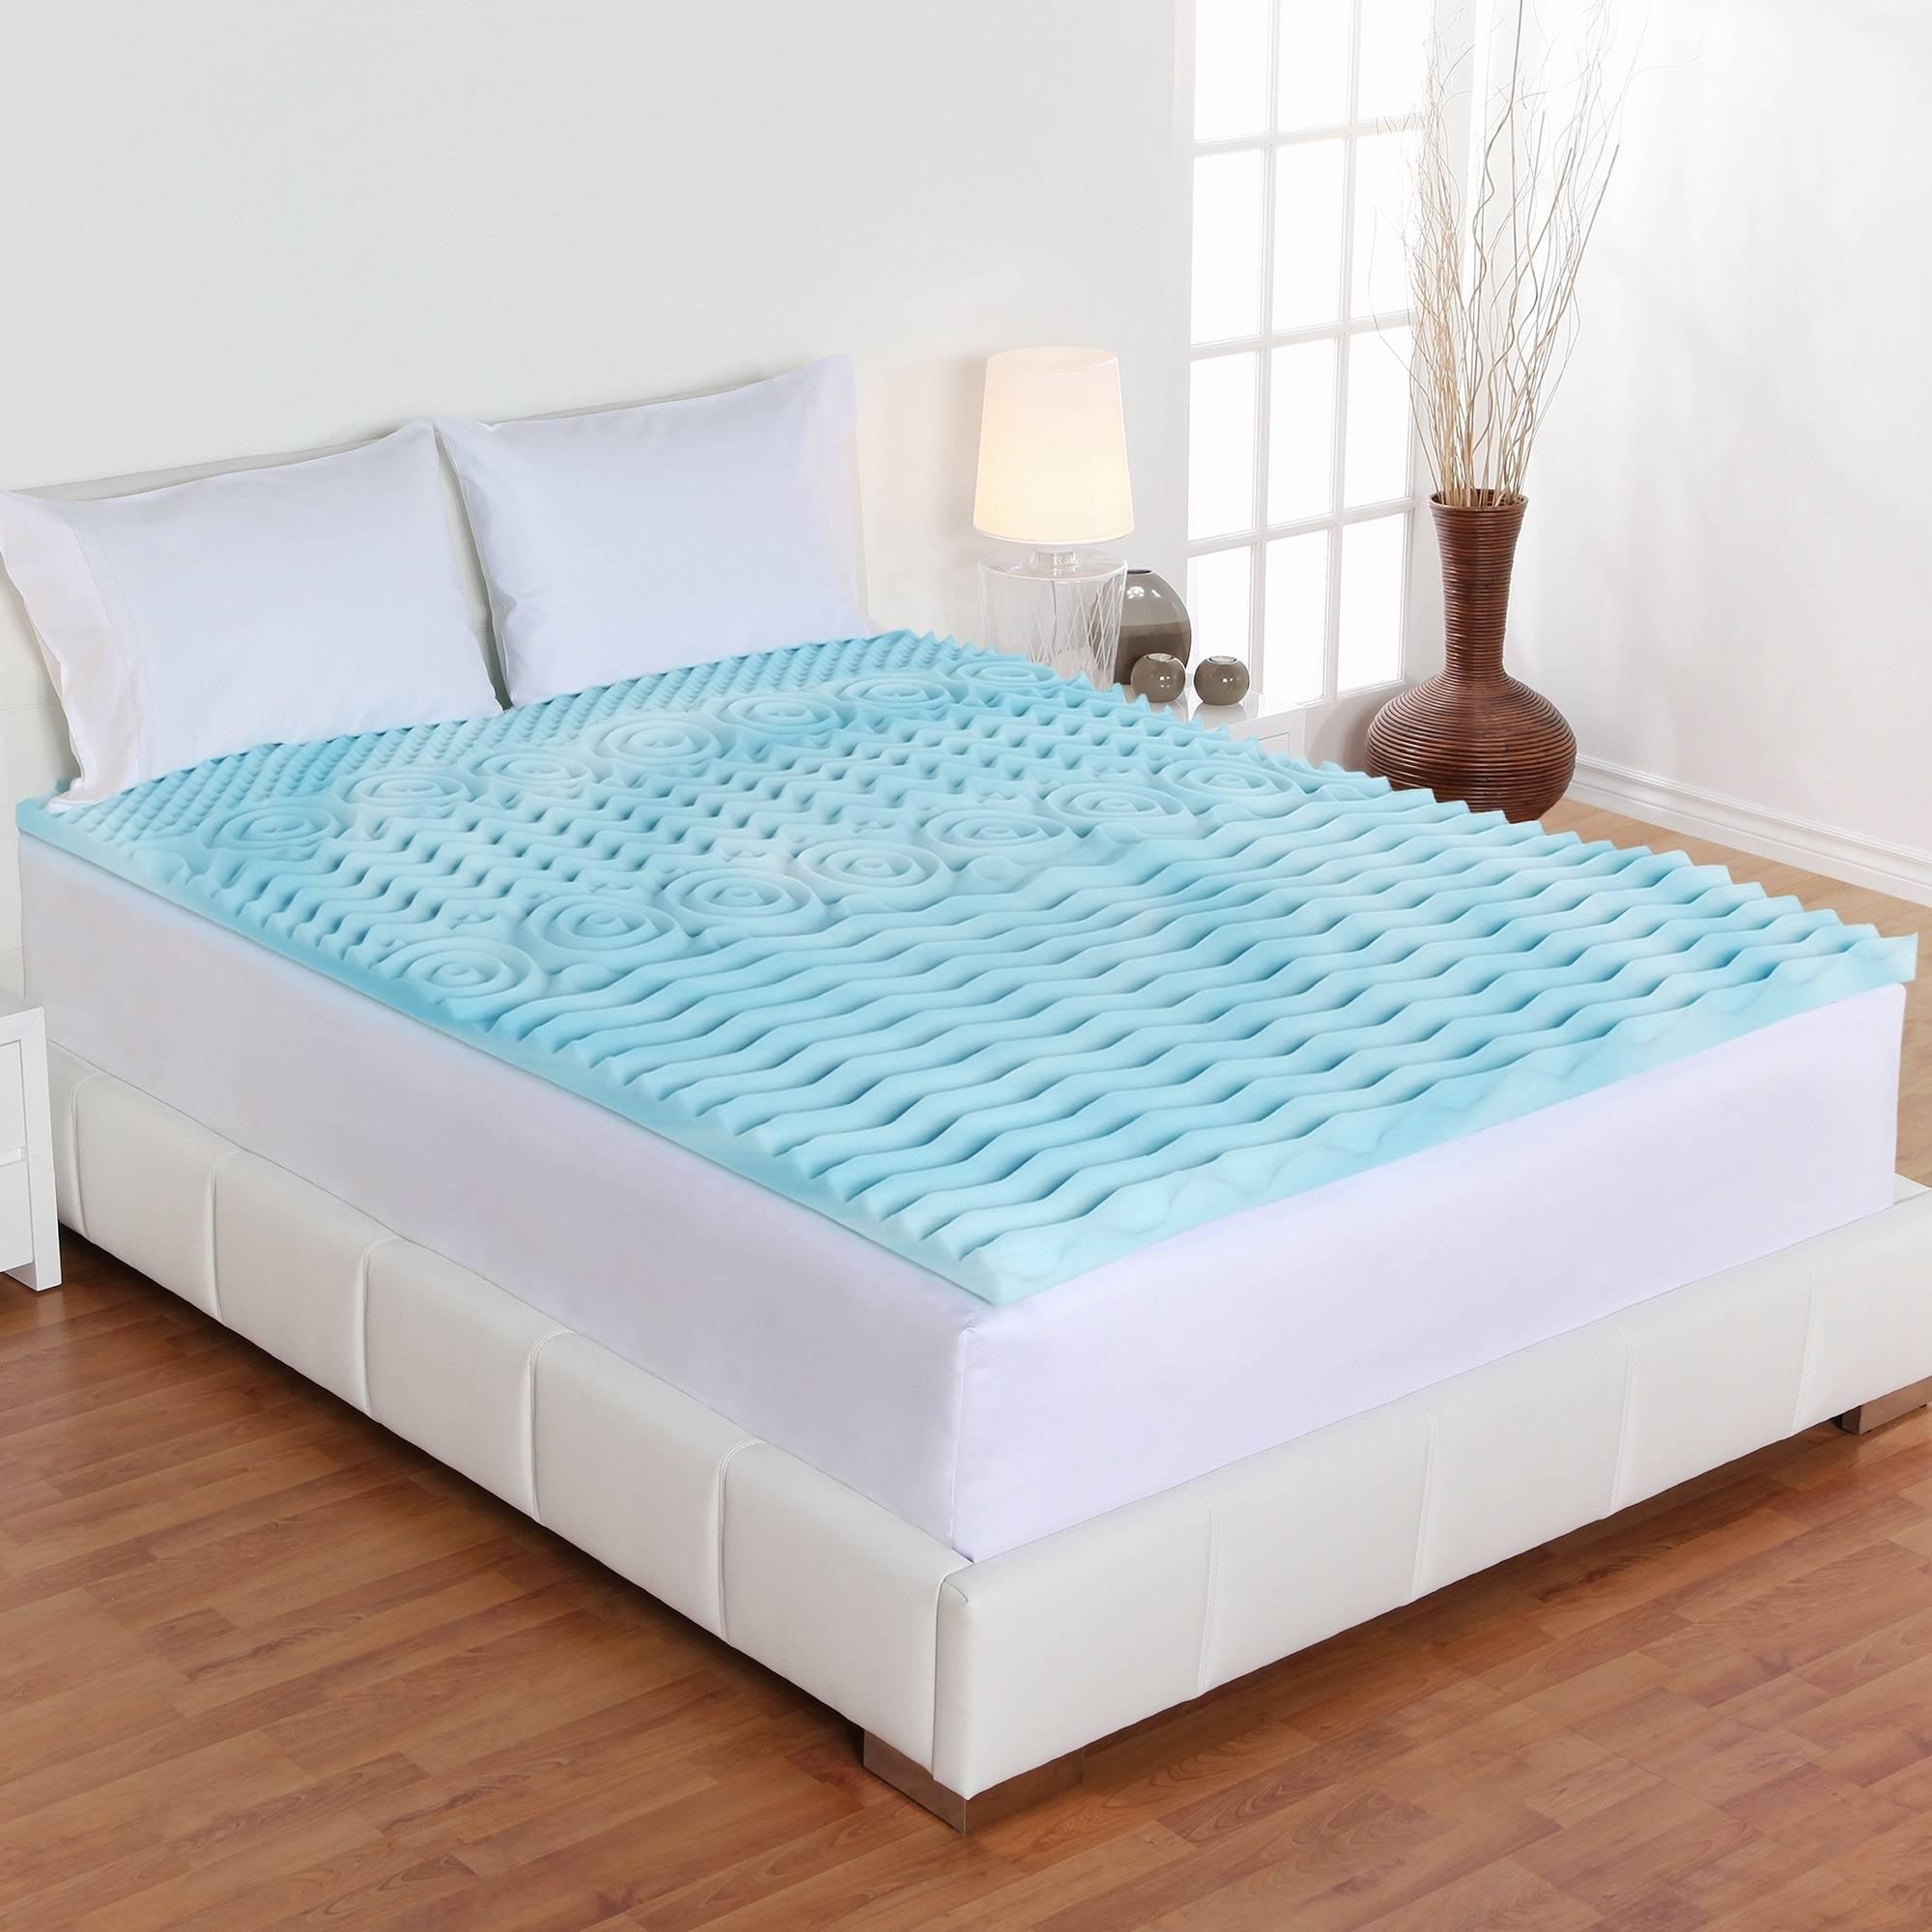 Summer dress 3 4 beds and mattresses